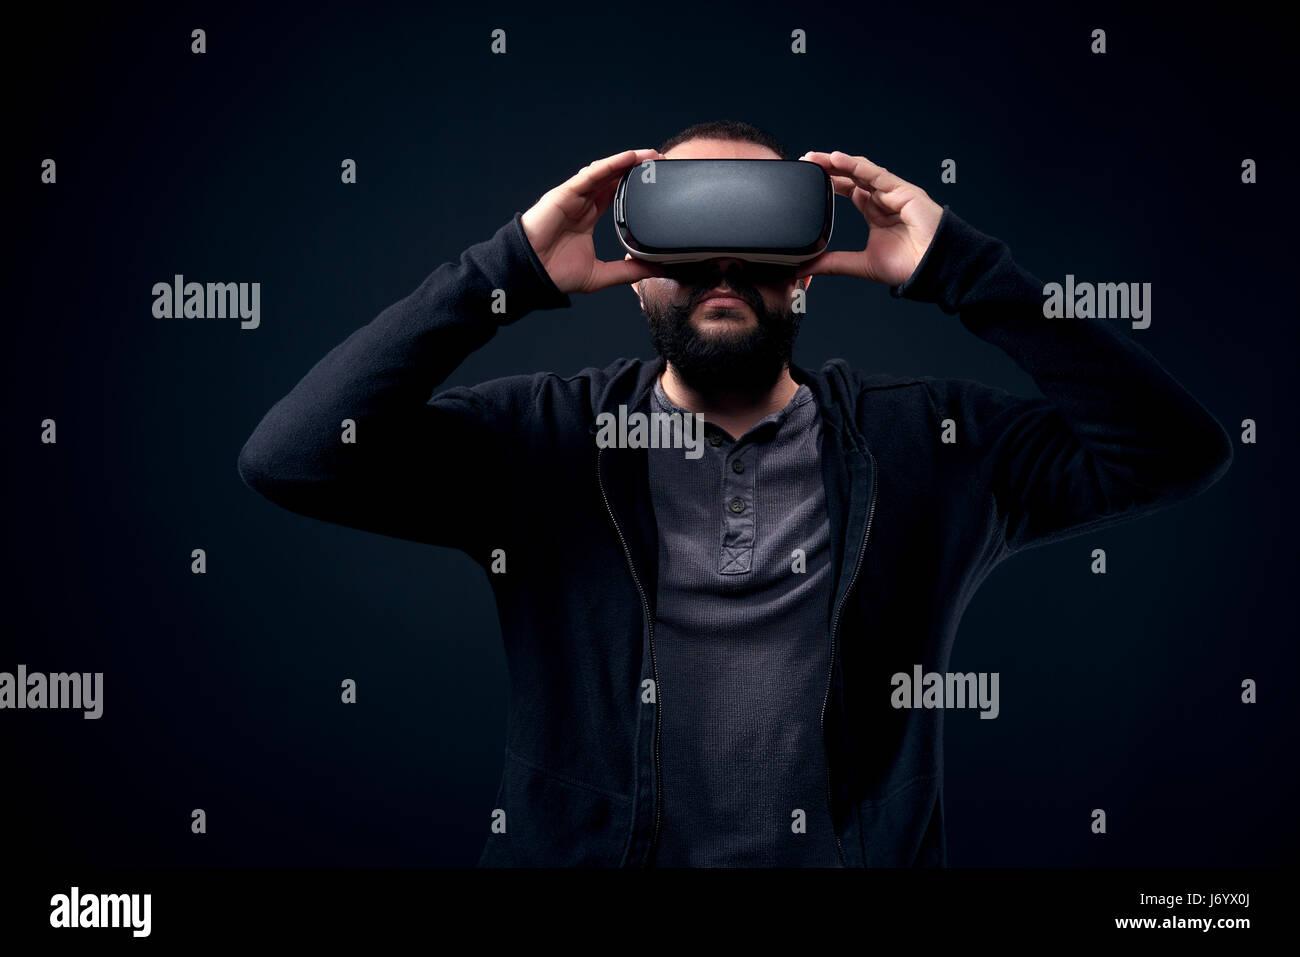 Junge hipster bärtigen Mann mit Virtual reality Brillen. schwarzer Hintergrund Studio VR-Konzept Stockbild